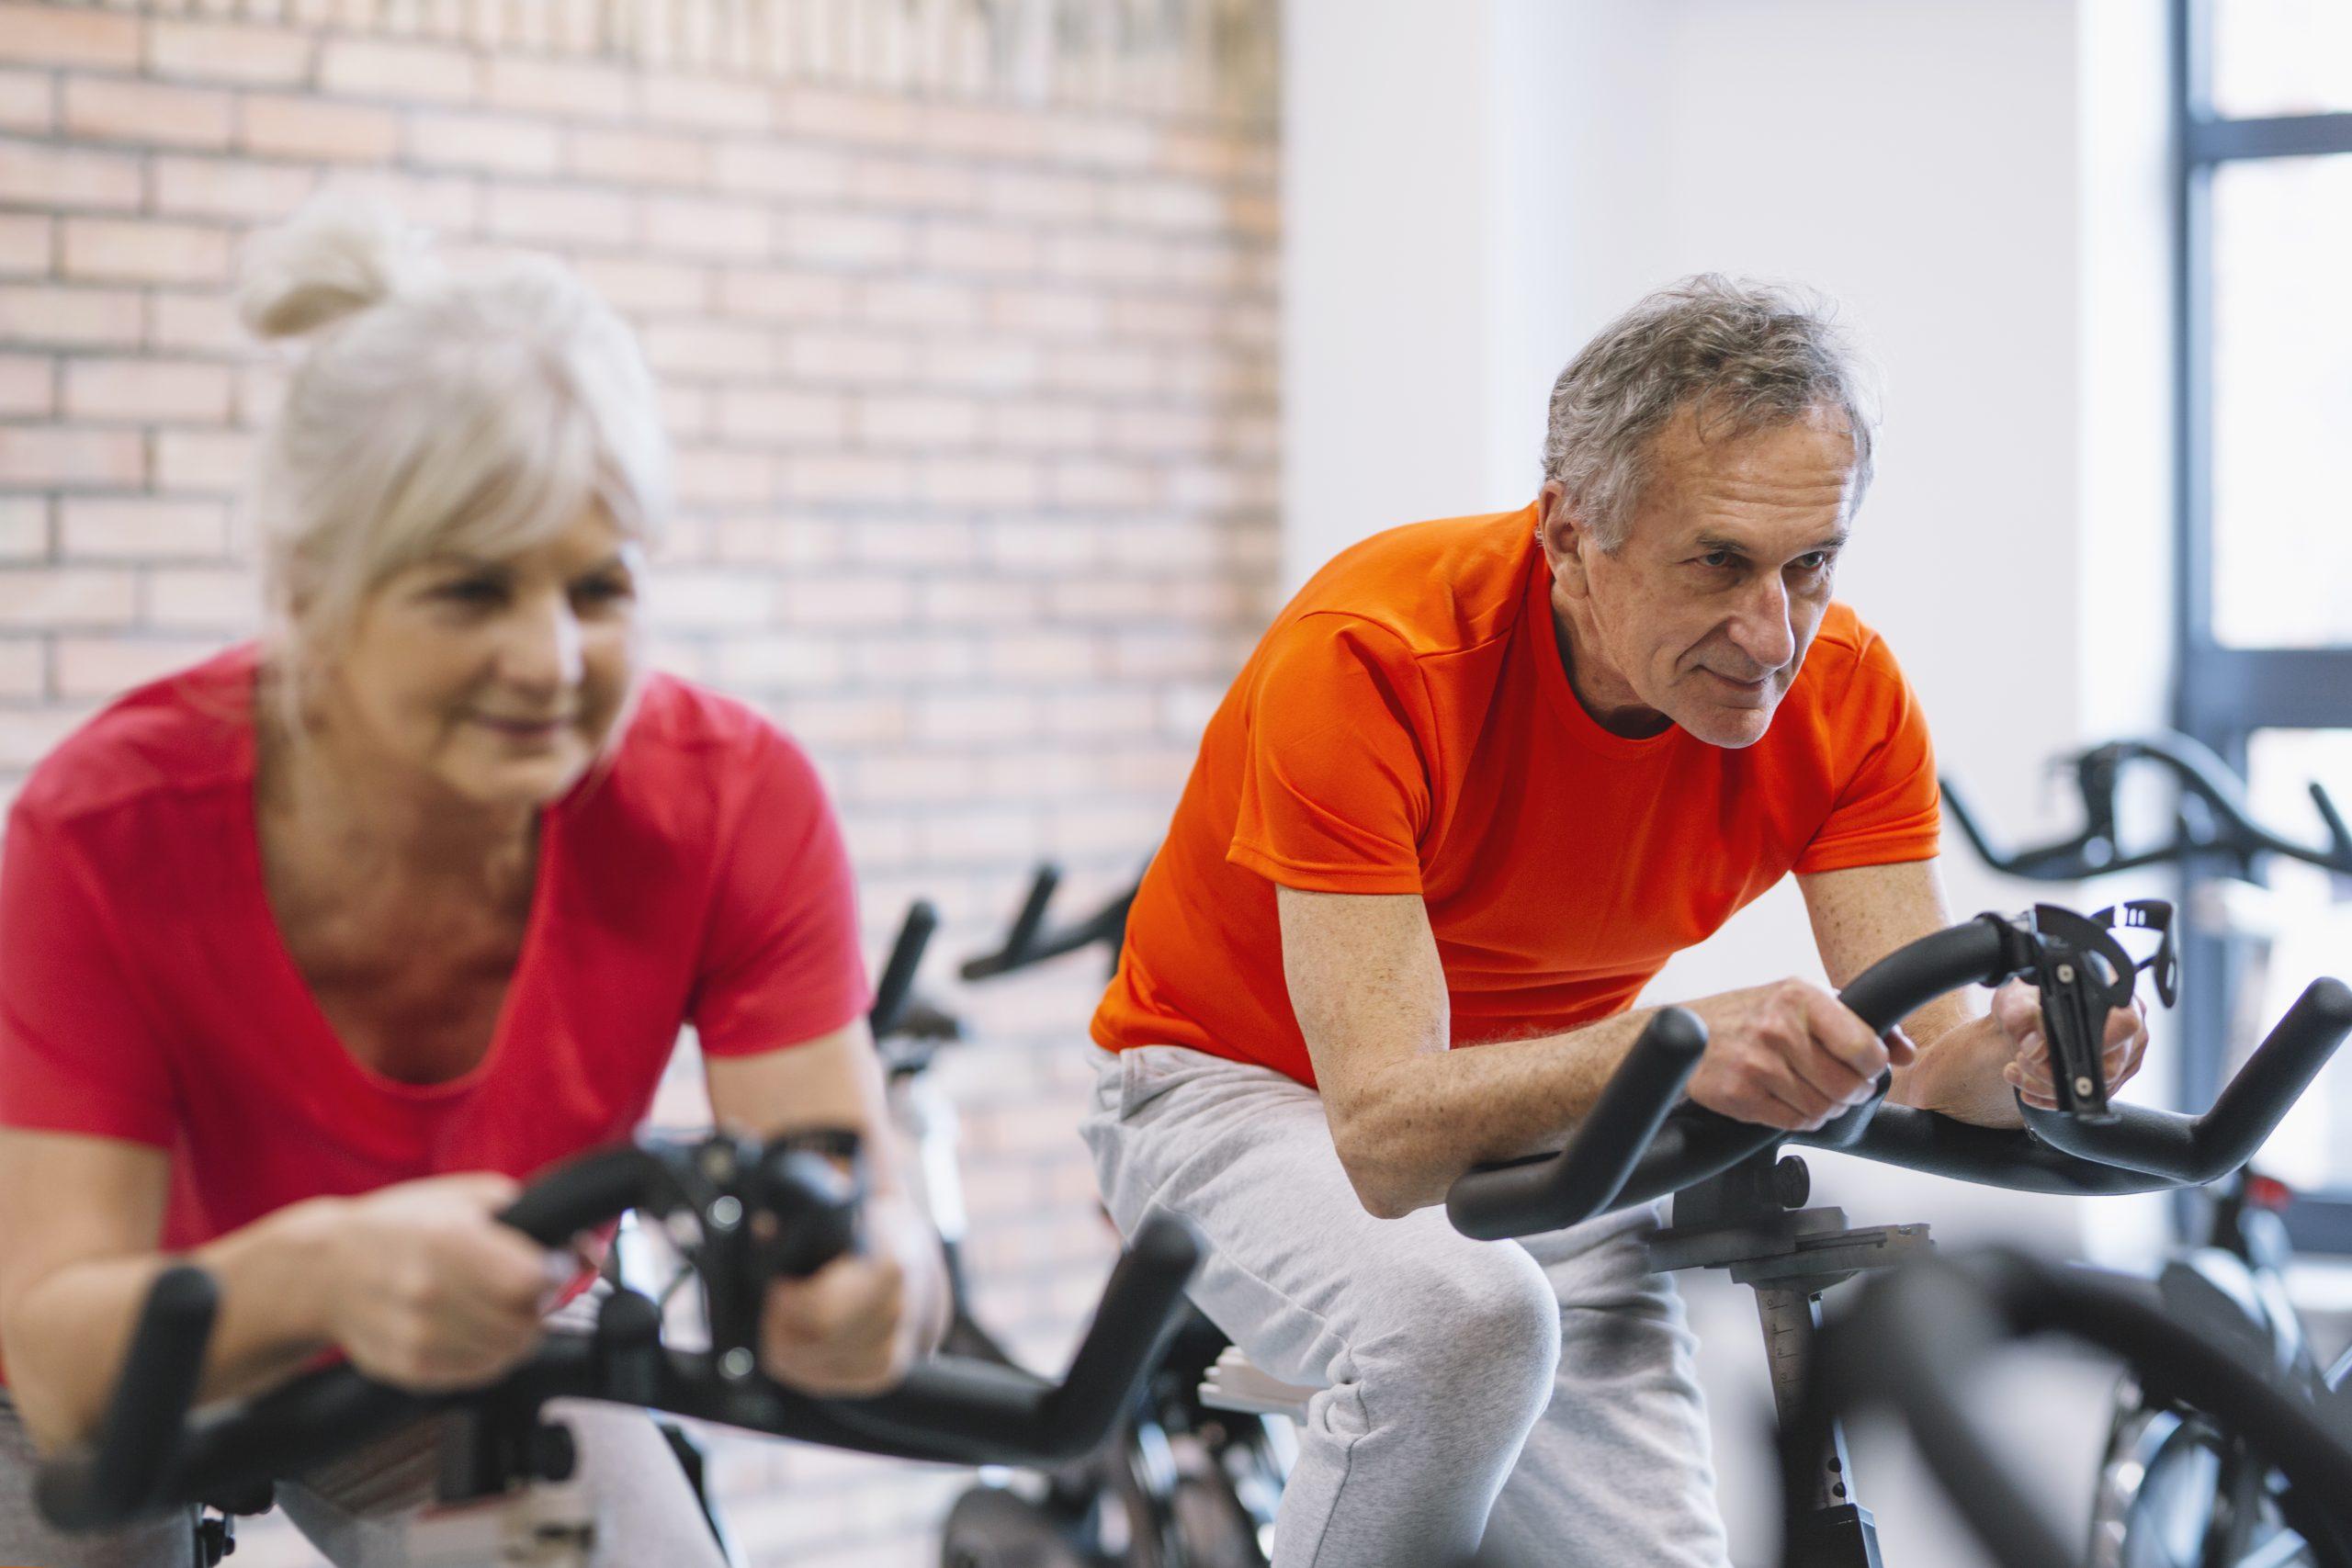 Sportolhat-e a hipertóniás beteg?